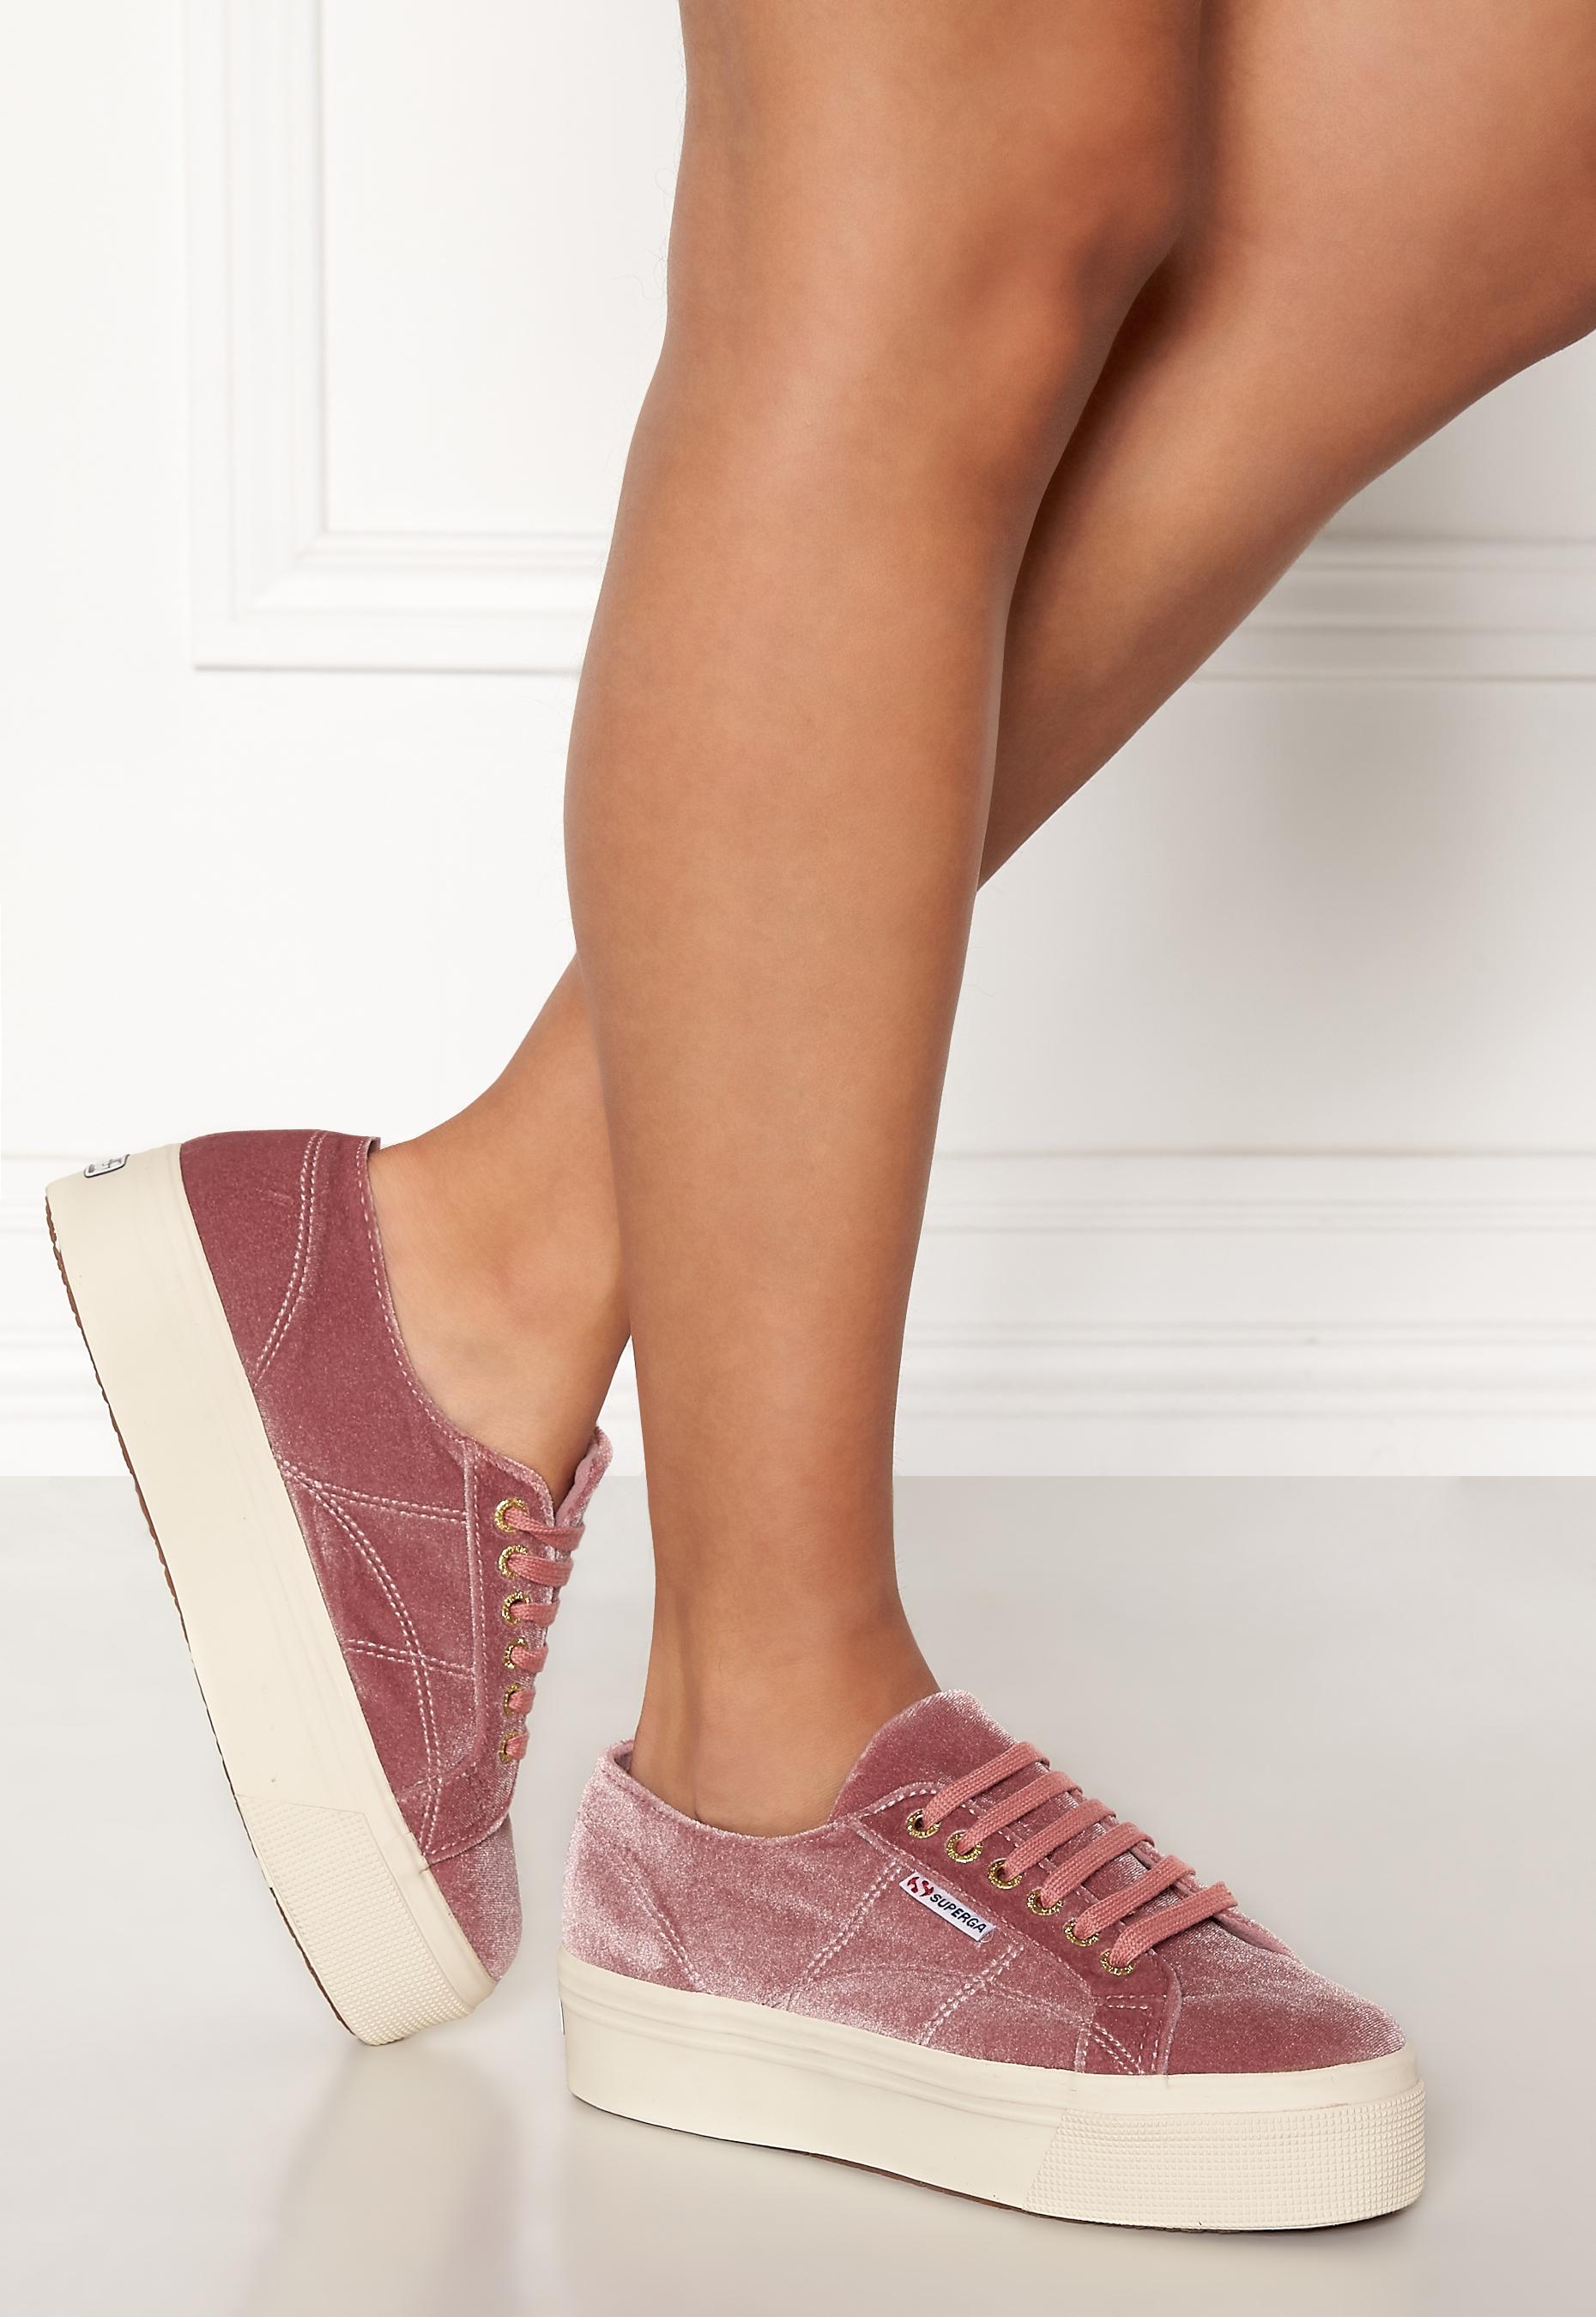 Superga Velvet Sneakers Pink Dusty Rose